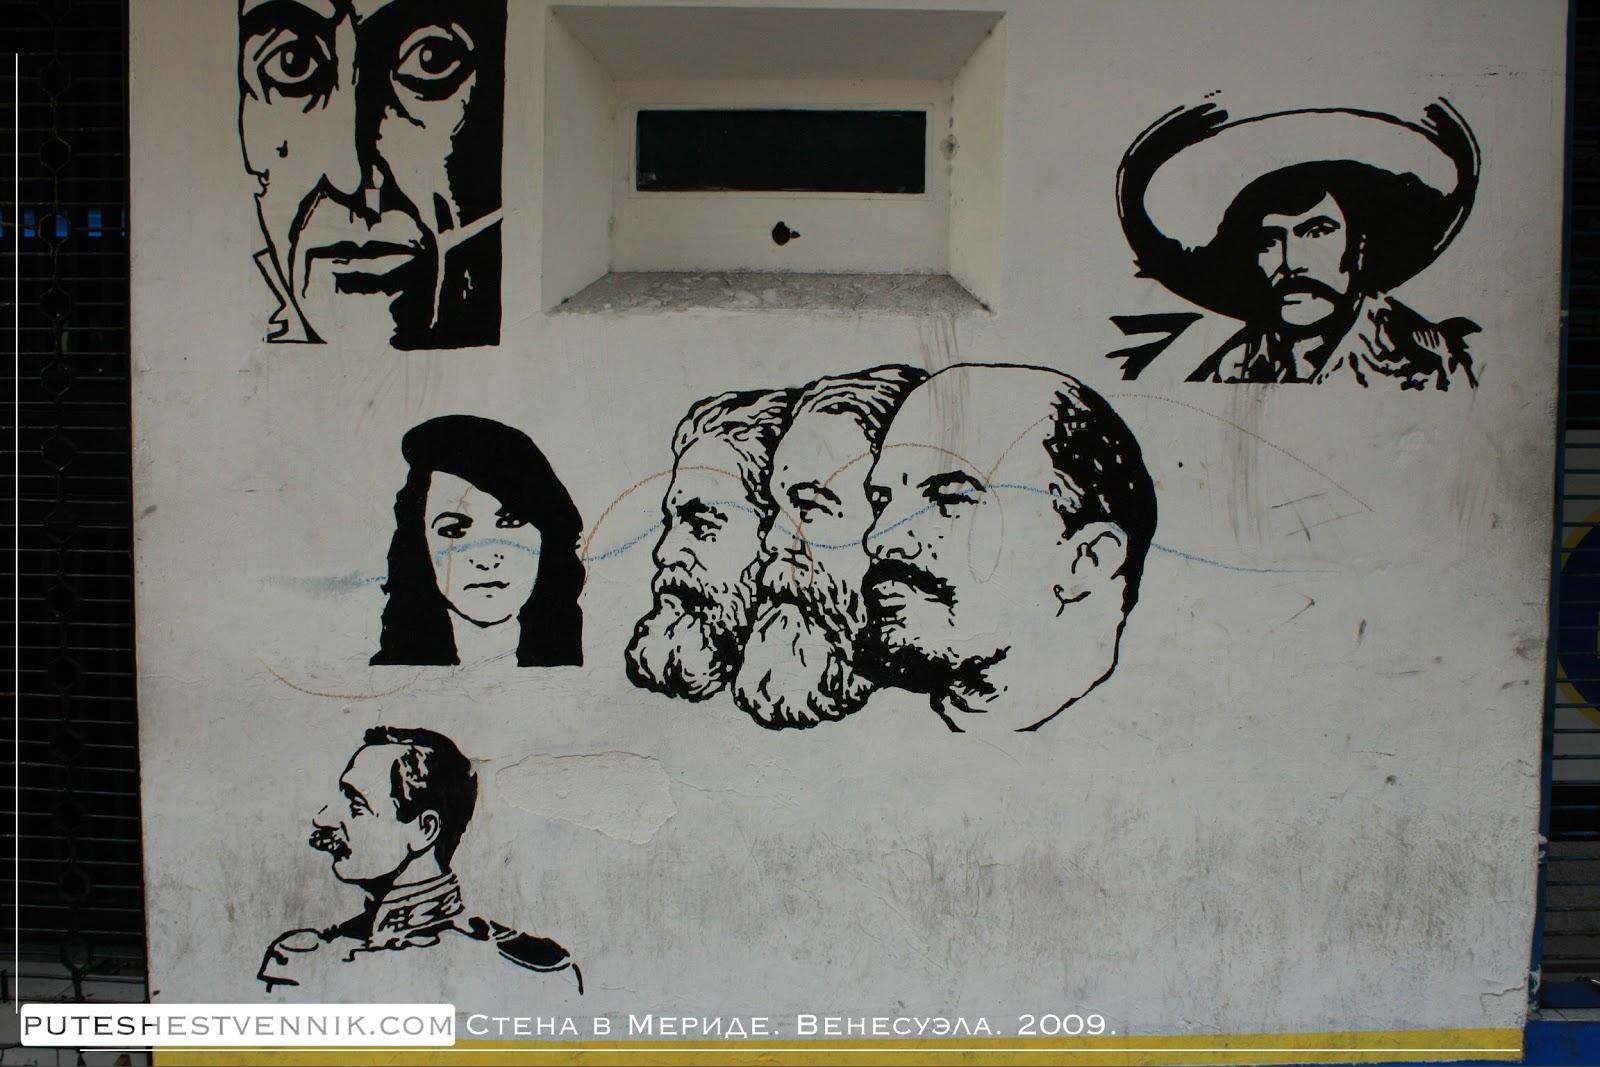 Ленин, Маркс и Энгельс